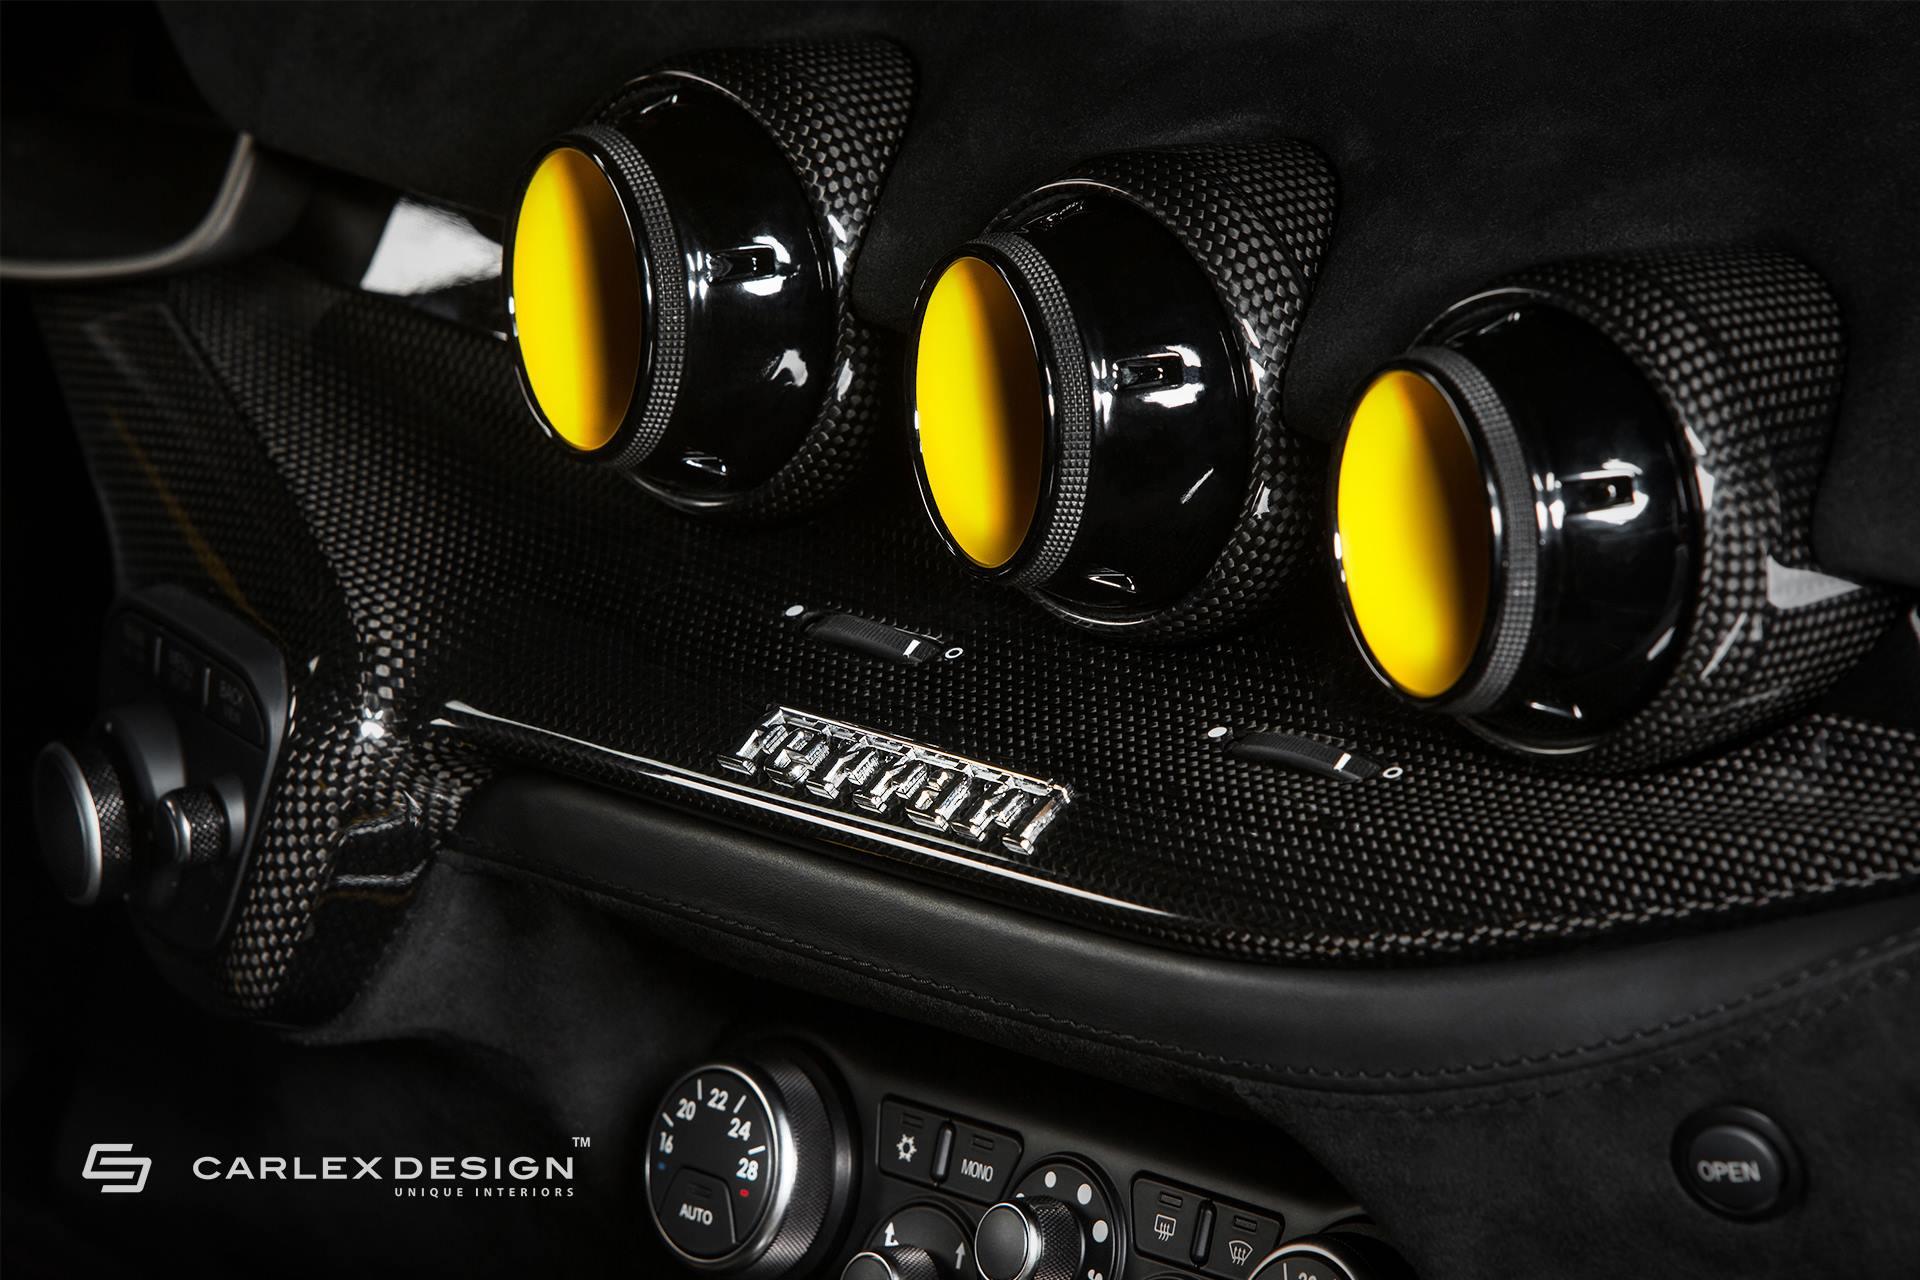 Ferrari F12berlinetta by Carlex Design (10)